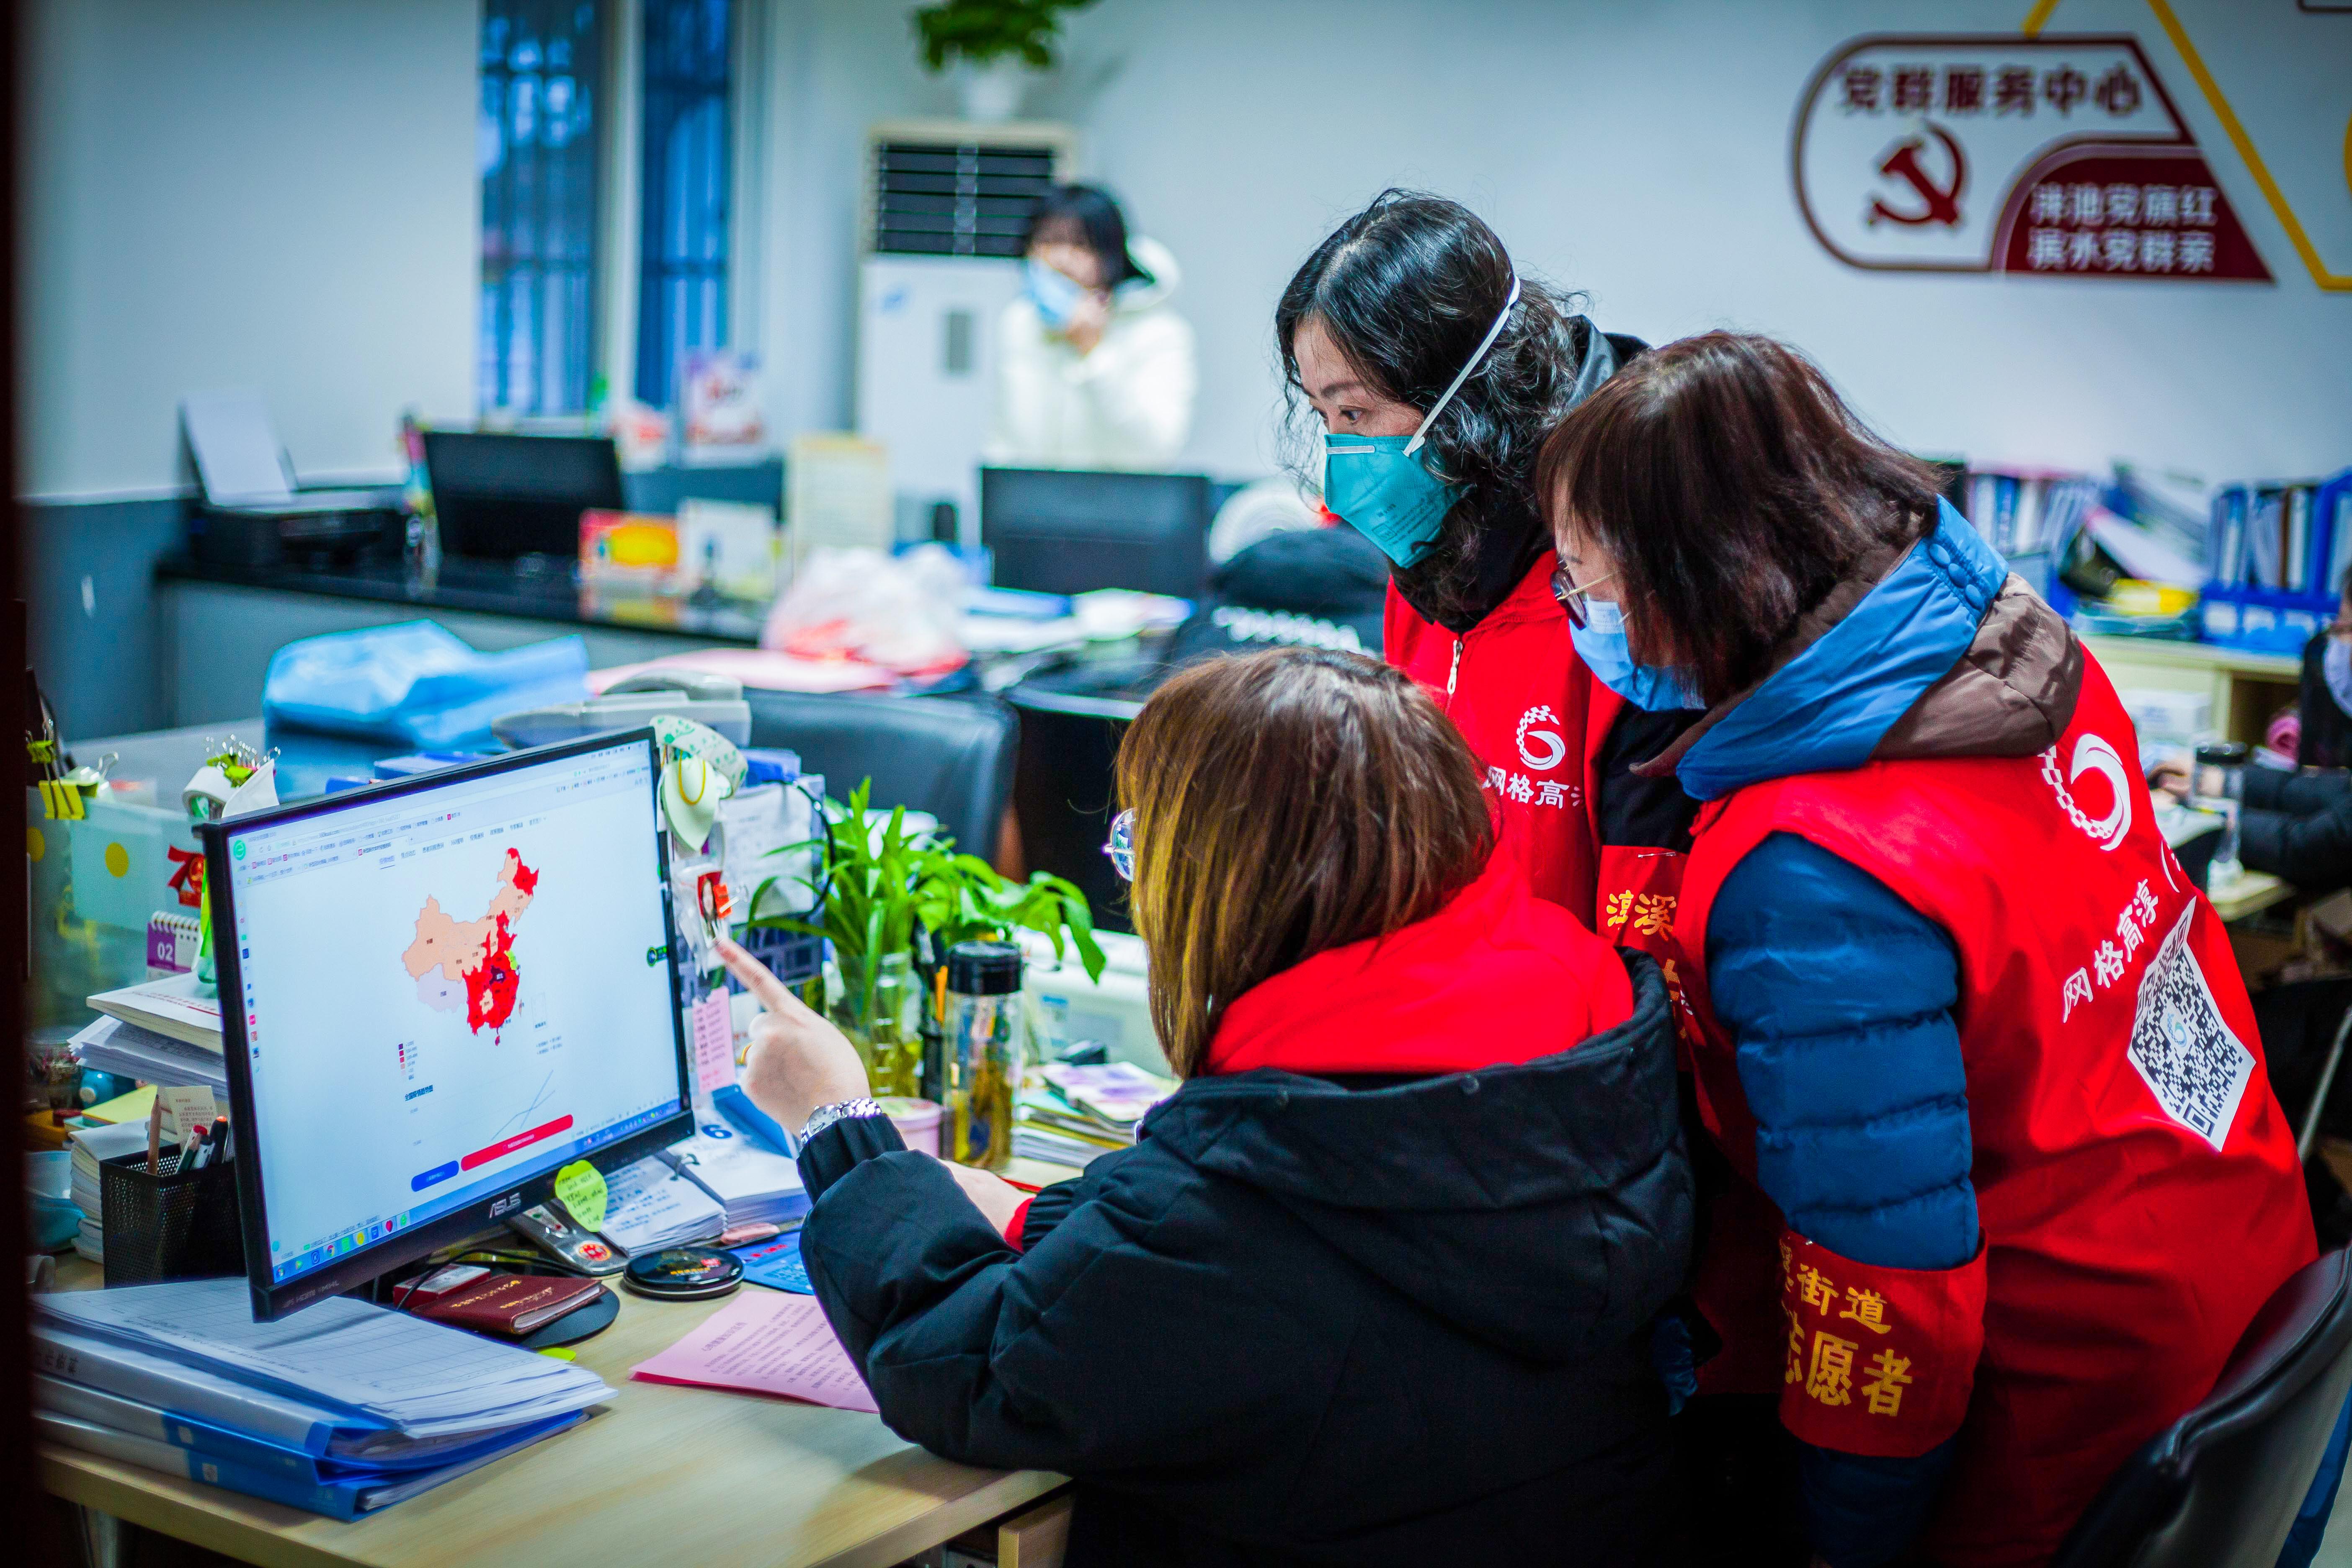 一分6合江苏 南京:用好文明实践五大平台 全方位助力疫情防控